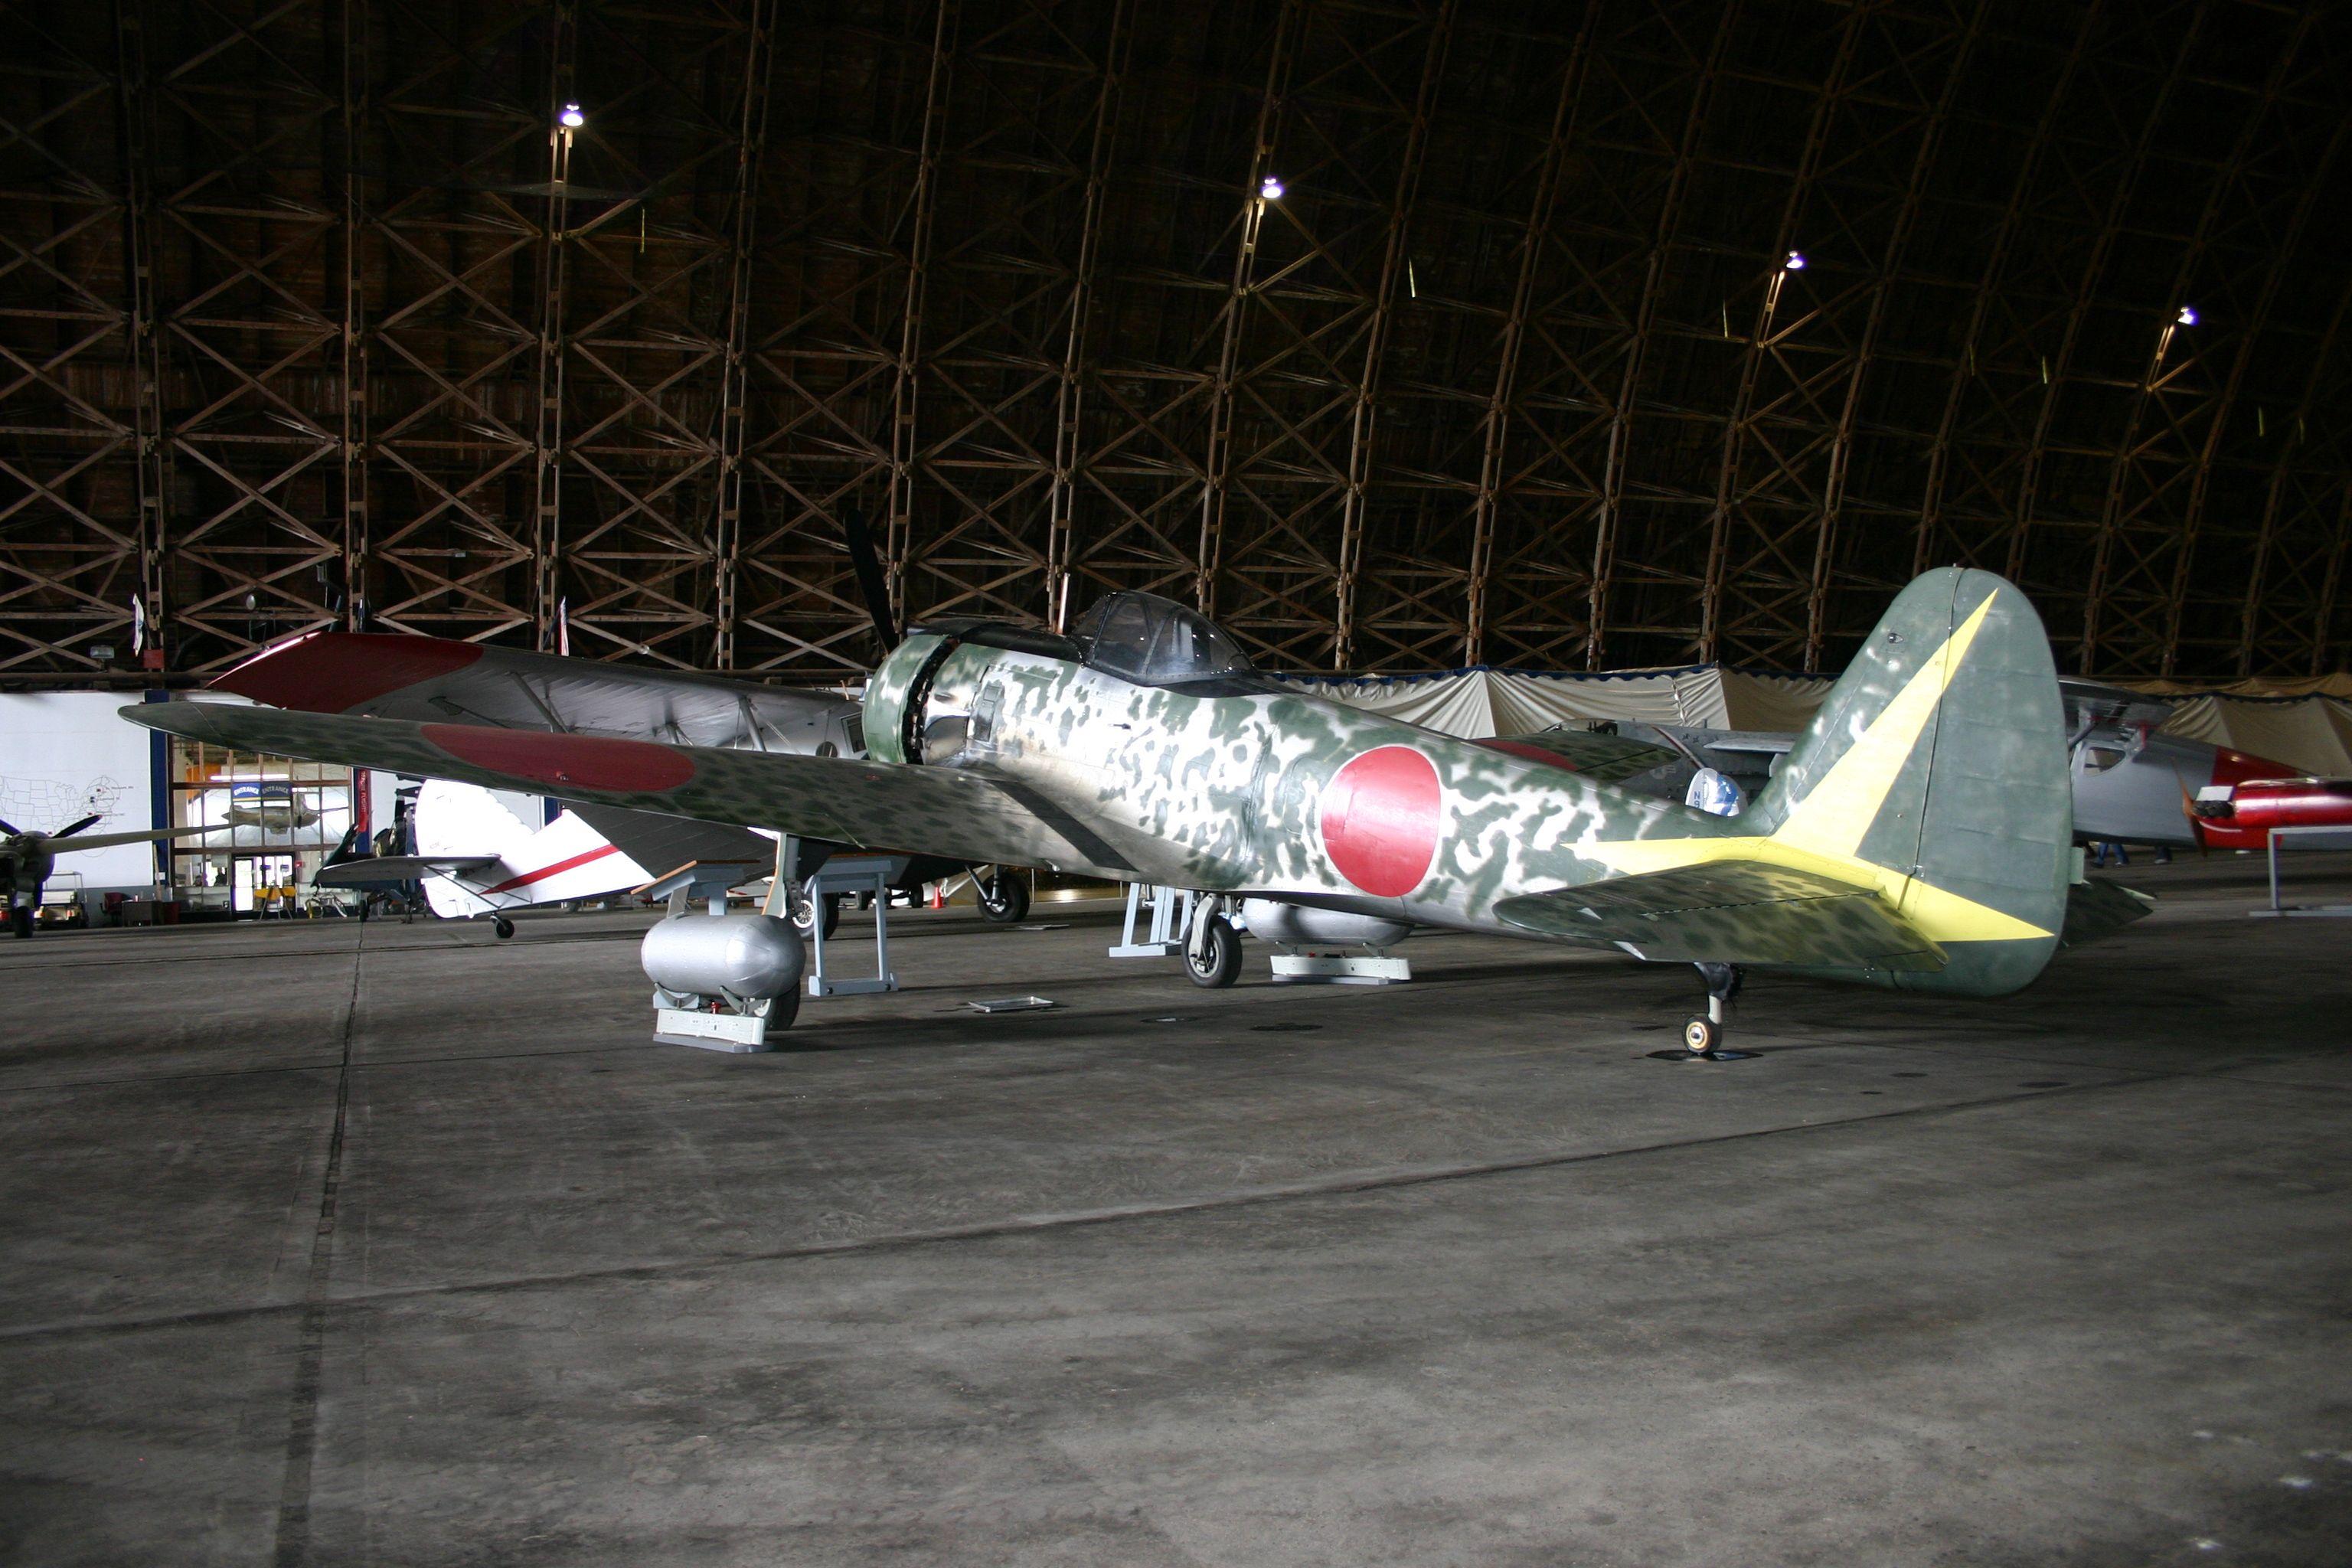 Nakajima Ki43 at the Tillamook Air Museum. Aircraft